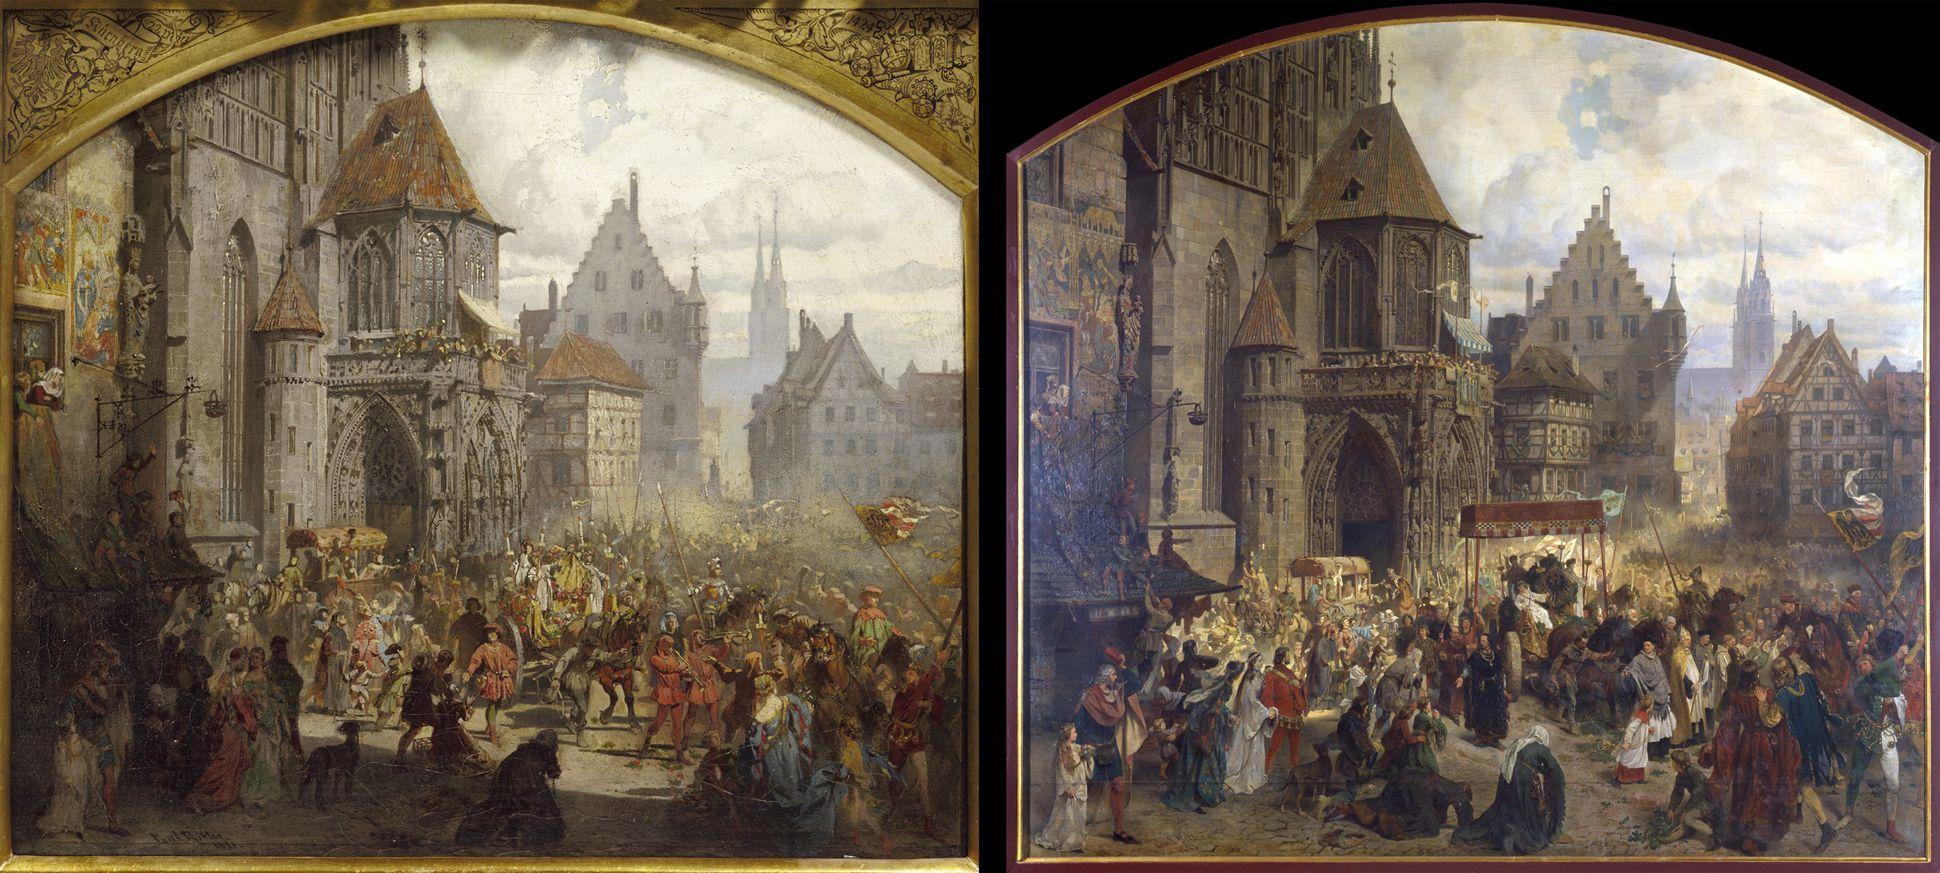 Die Einbringung der Reichskleinodien in Nürnberg am 22. März 1424 links der Präsentationsentwurf von 1881 / rechts das ausgeführte Gemälde